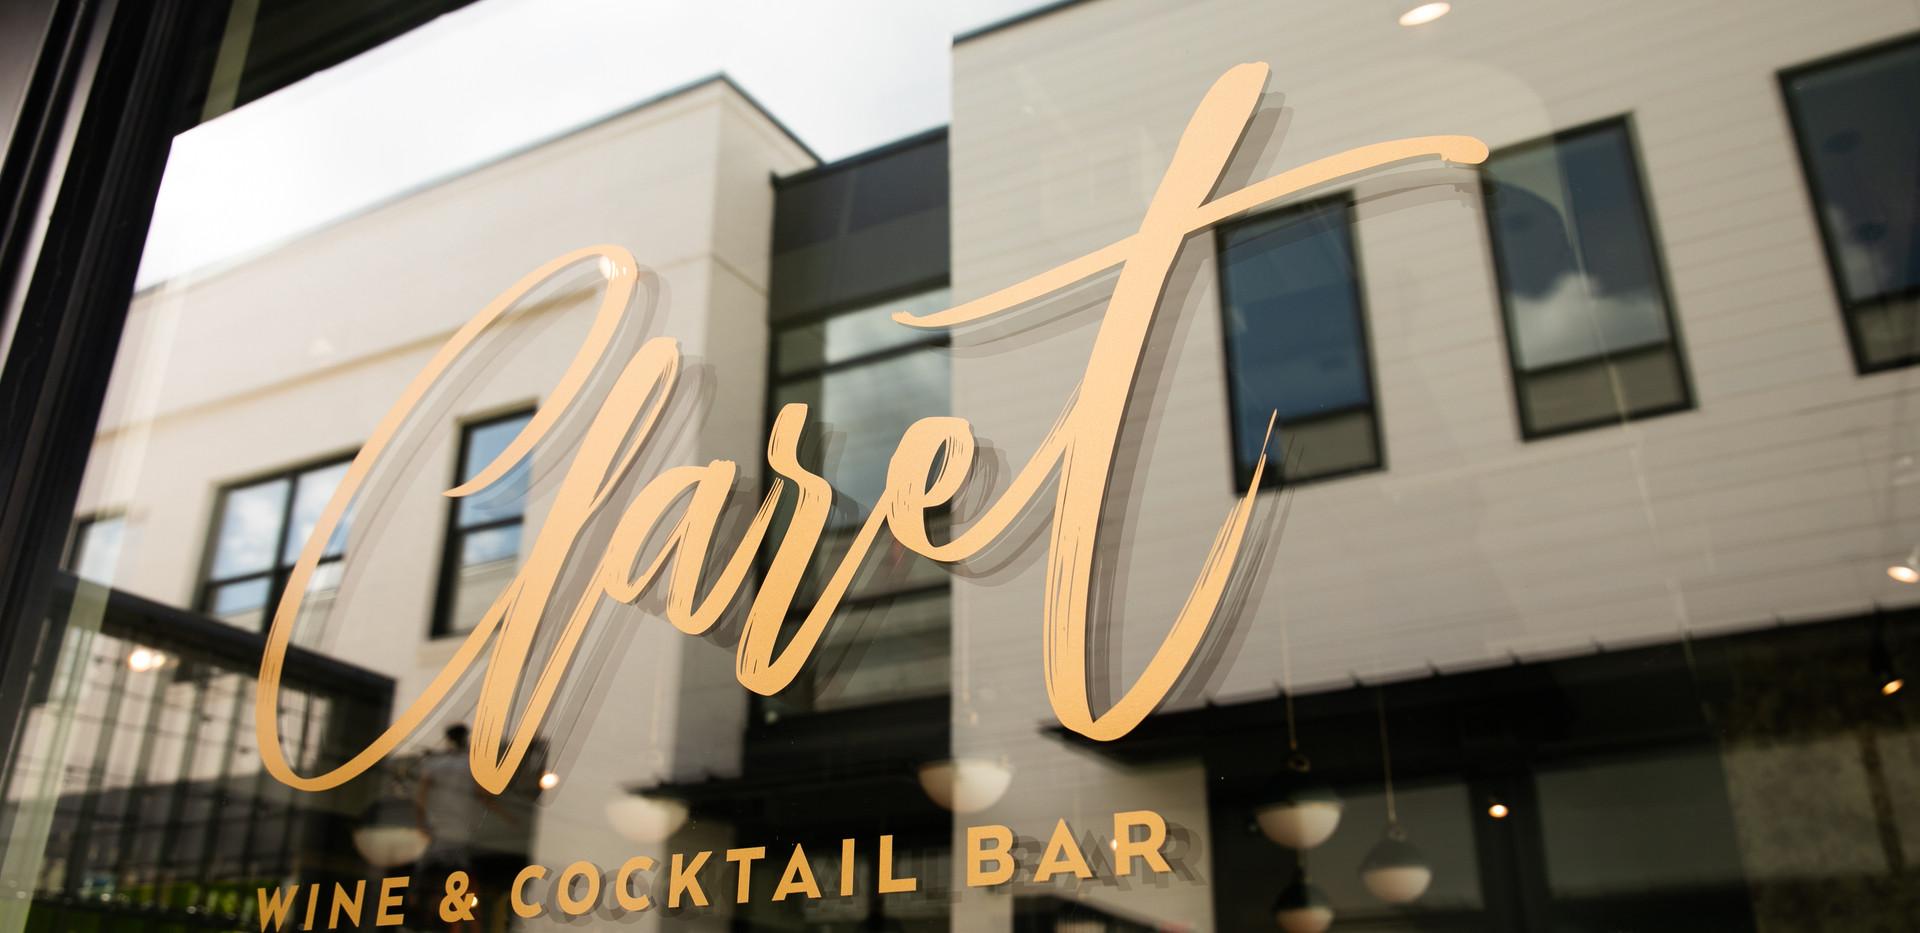 Claret Restaurant